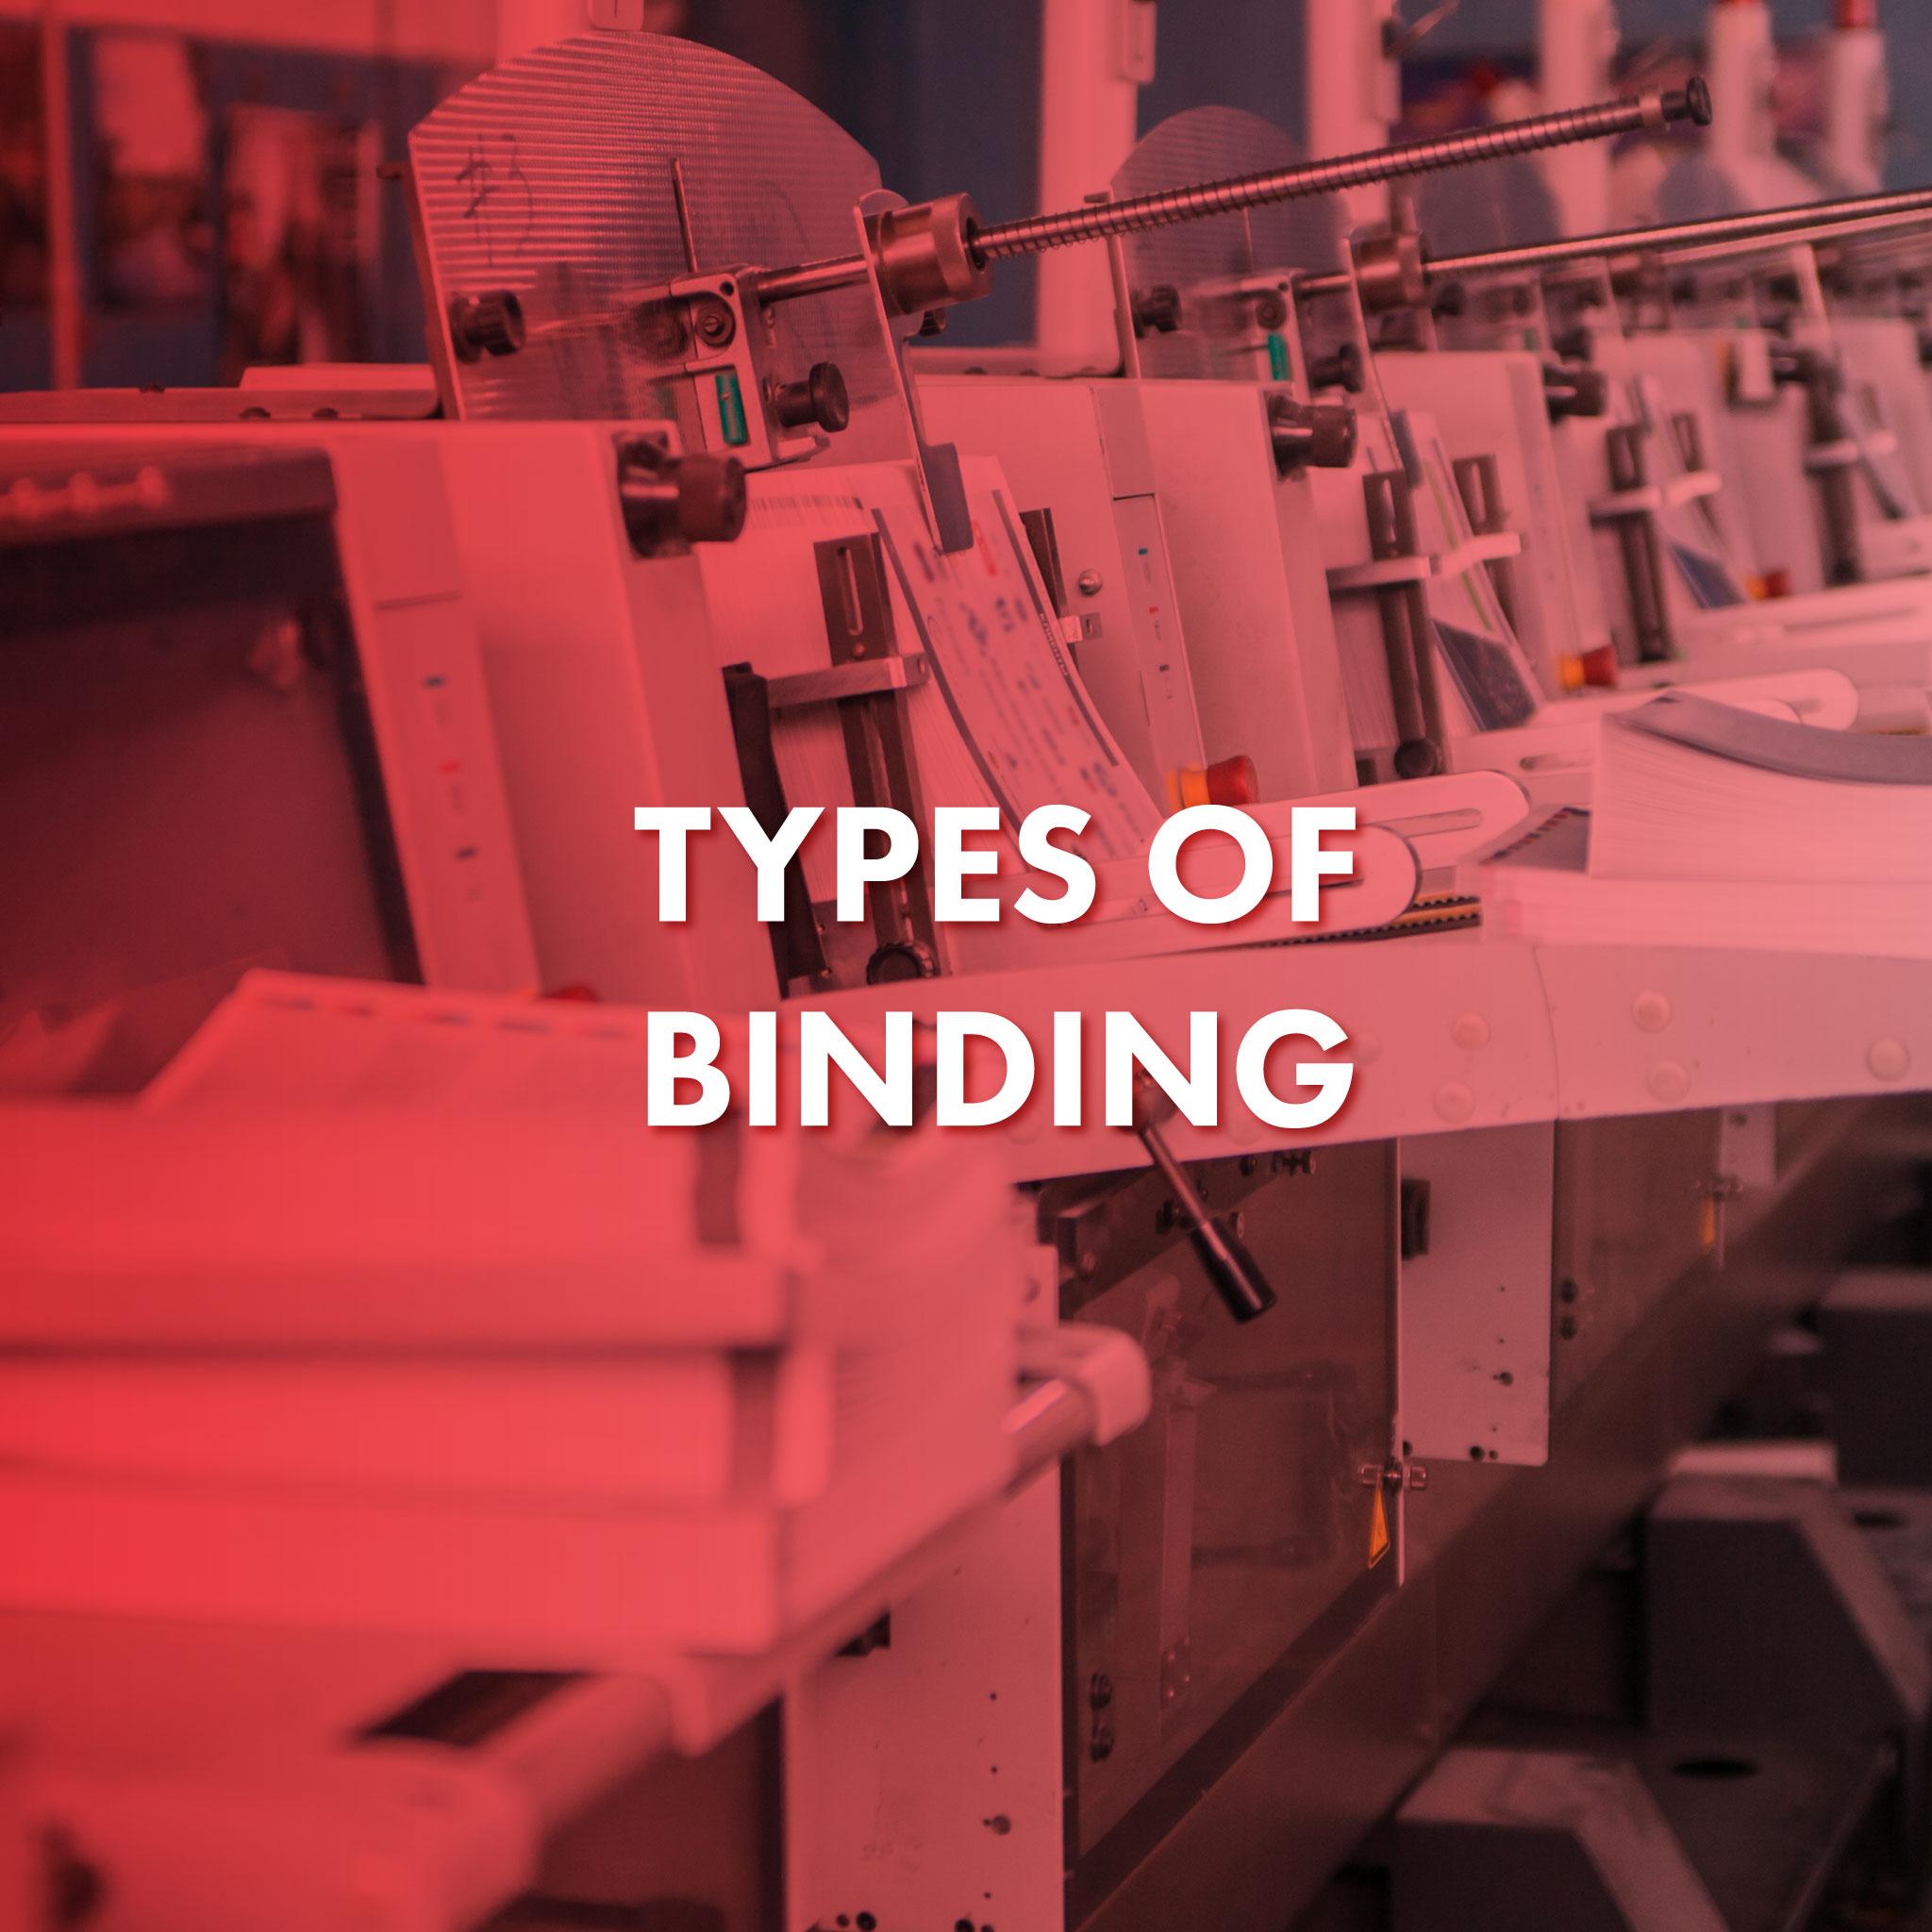 Types of Binding - Stitching Machine